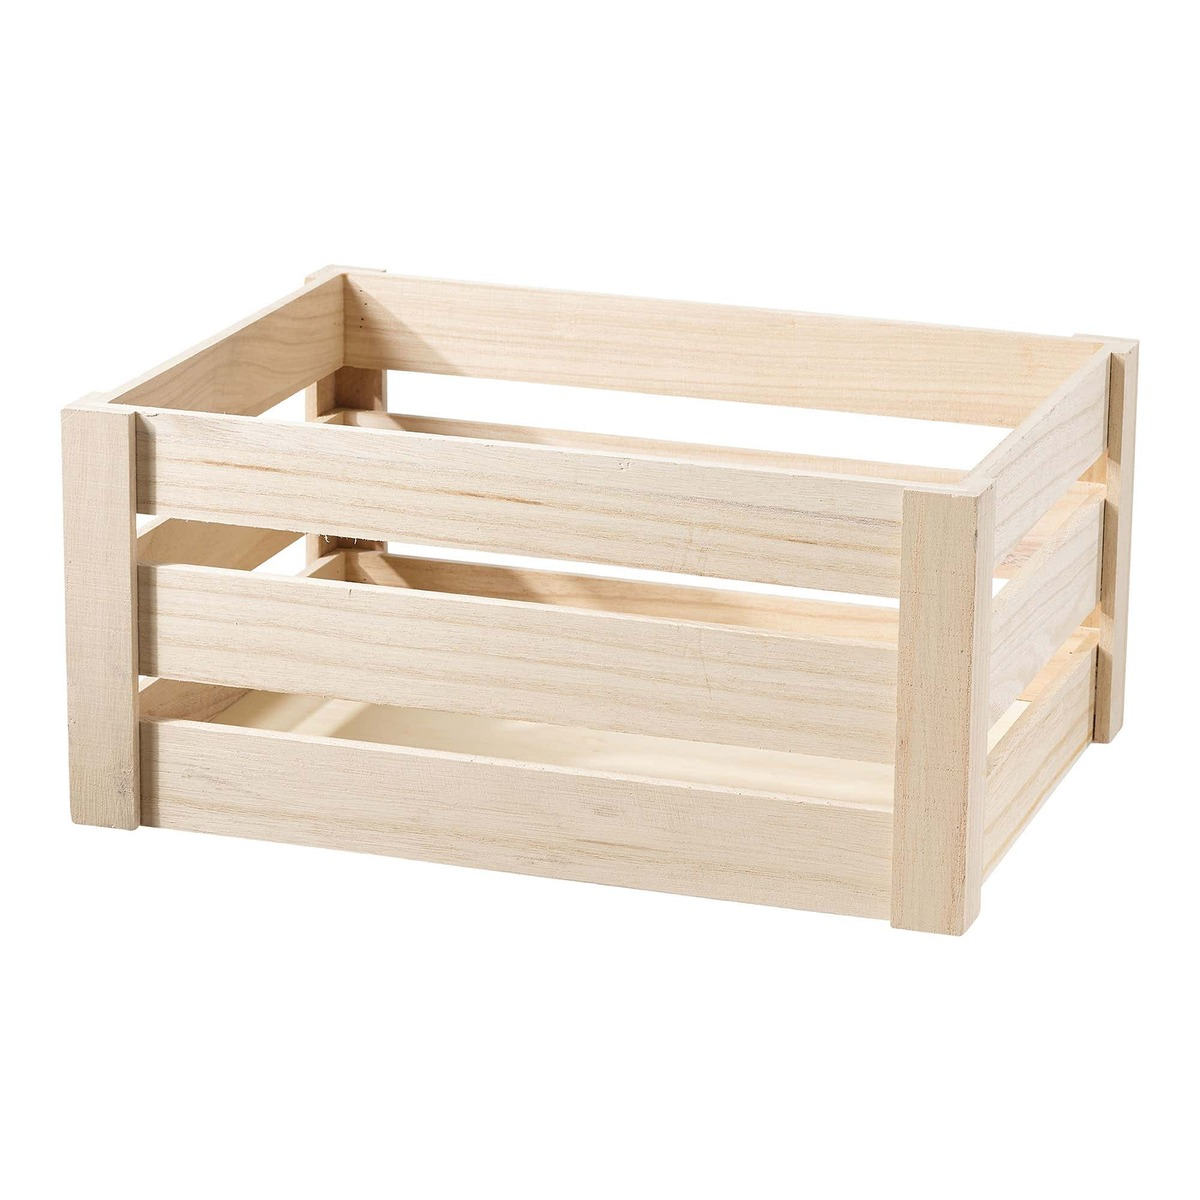 Bild 1 von Holzbox in verschiedenen Größen